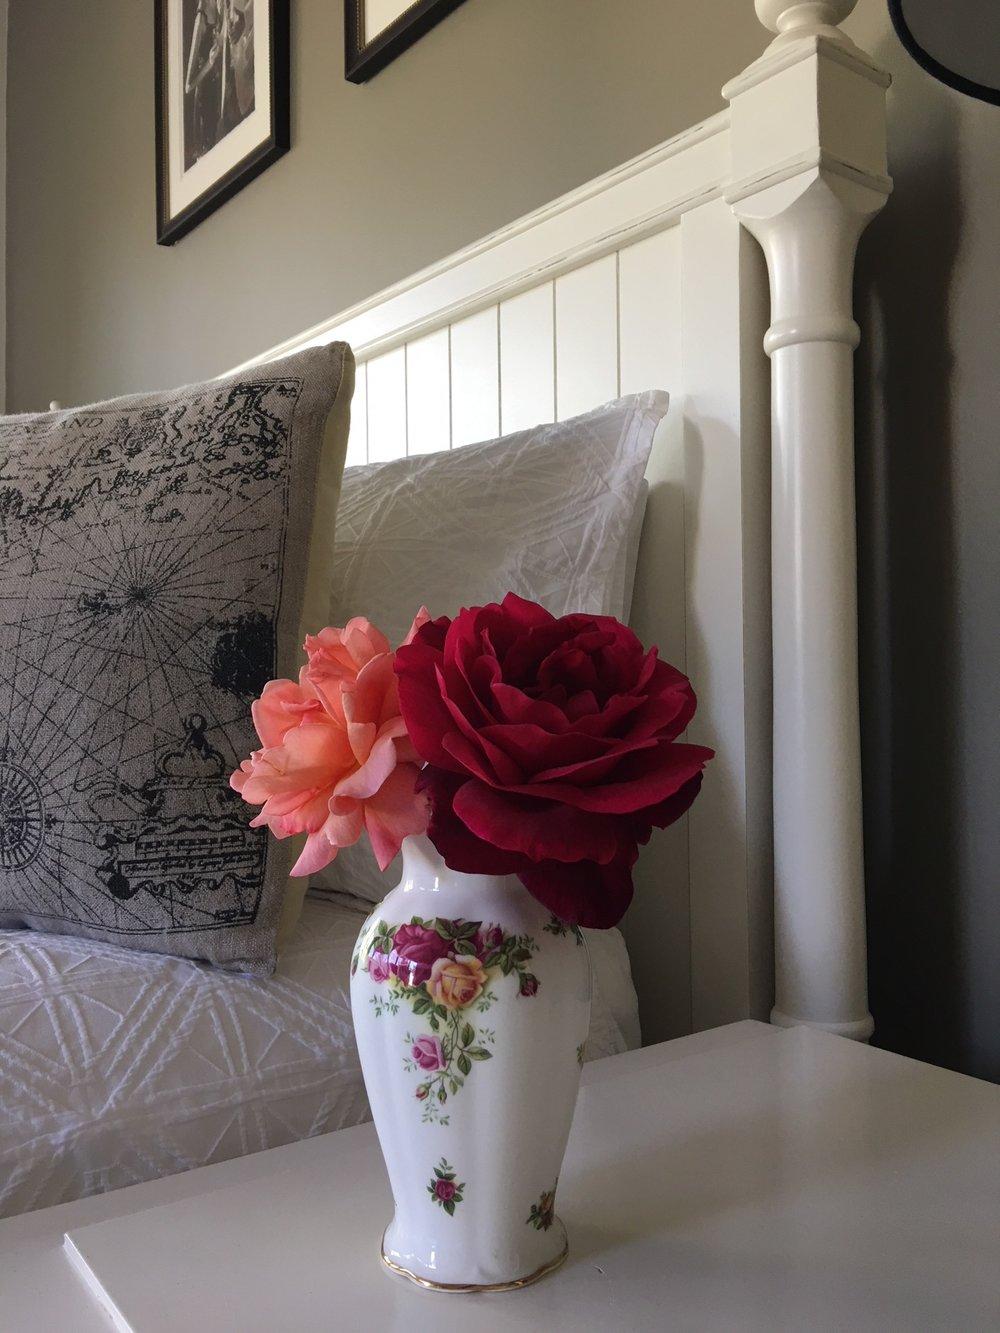 roses beside bed.JPG